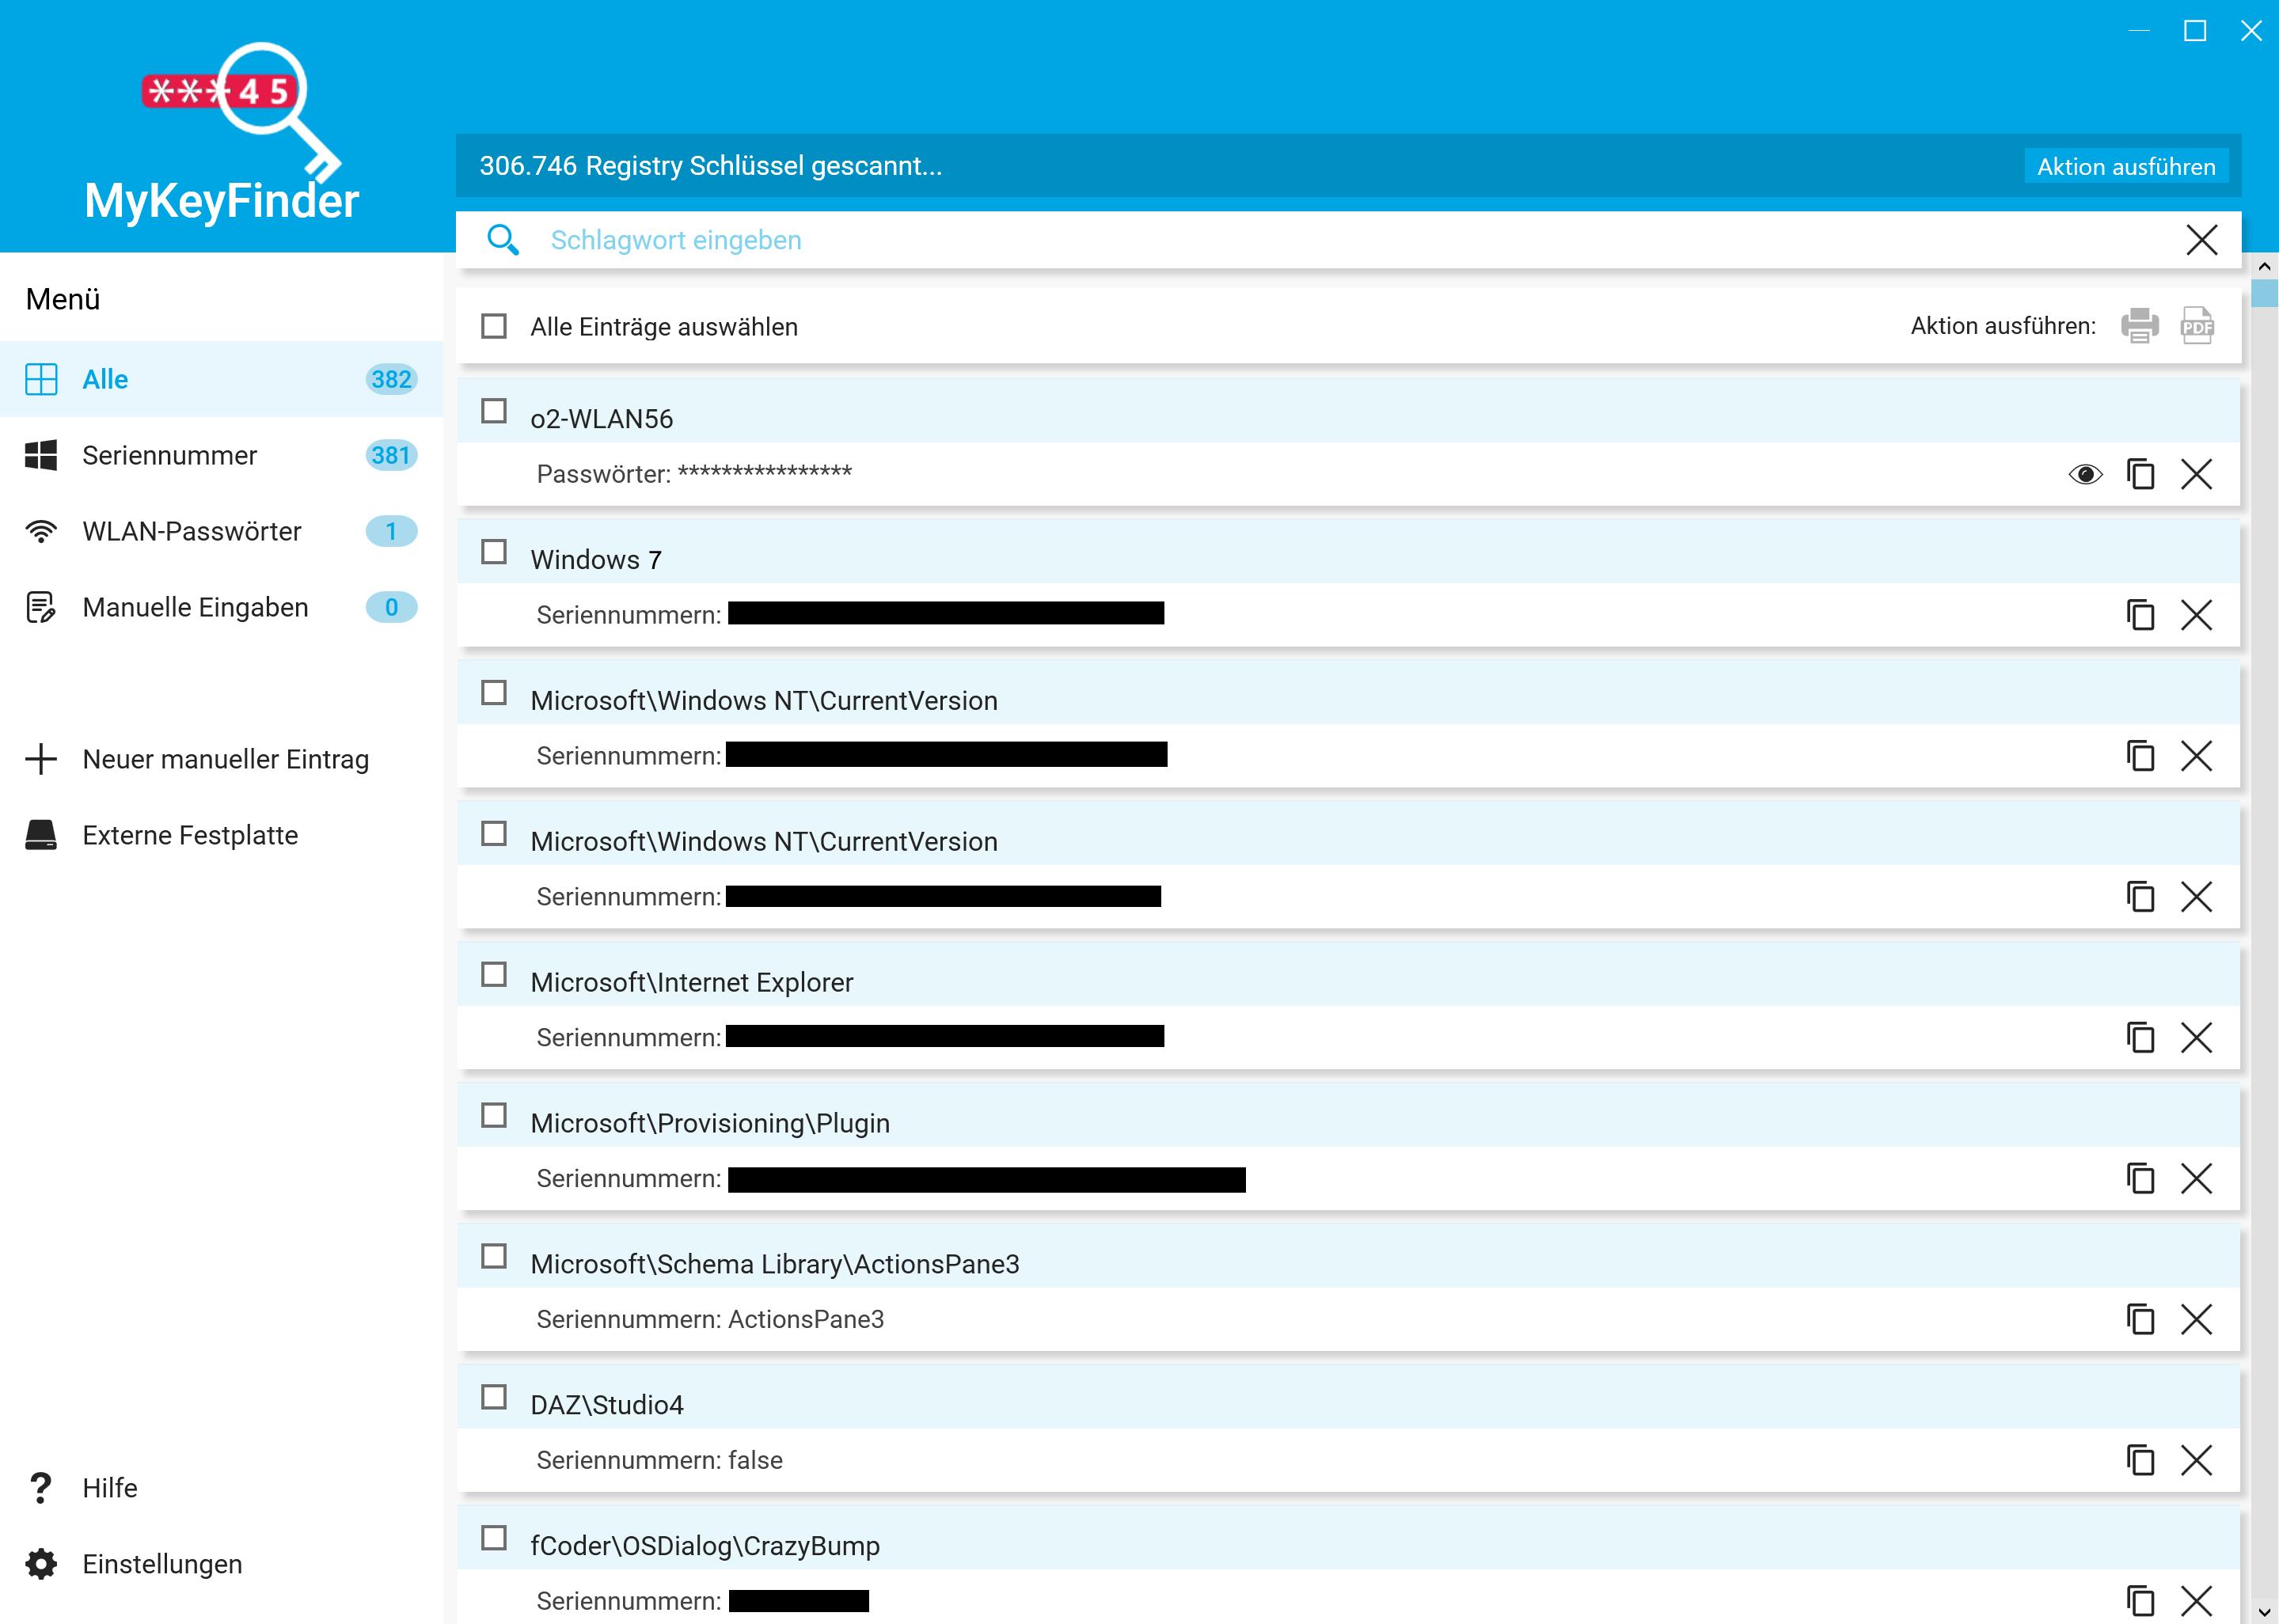 Windows 7 Key auslesen und herausfinden - MyKeyFinder